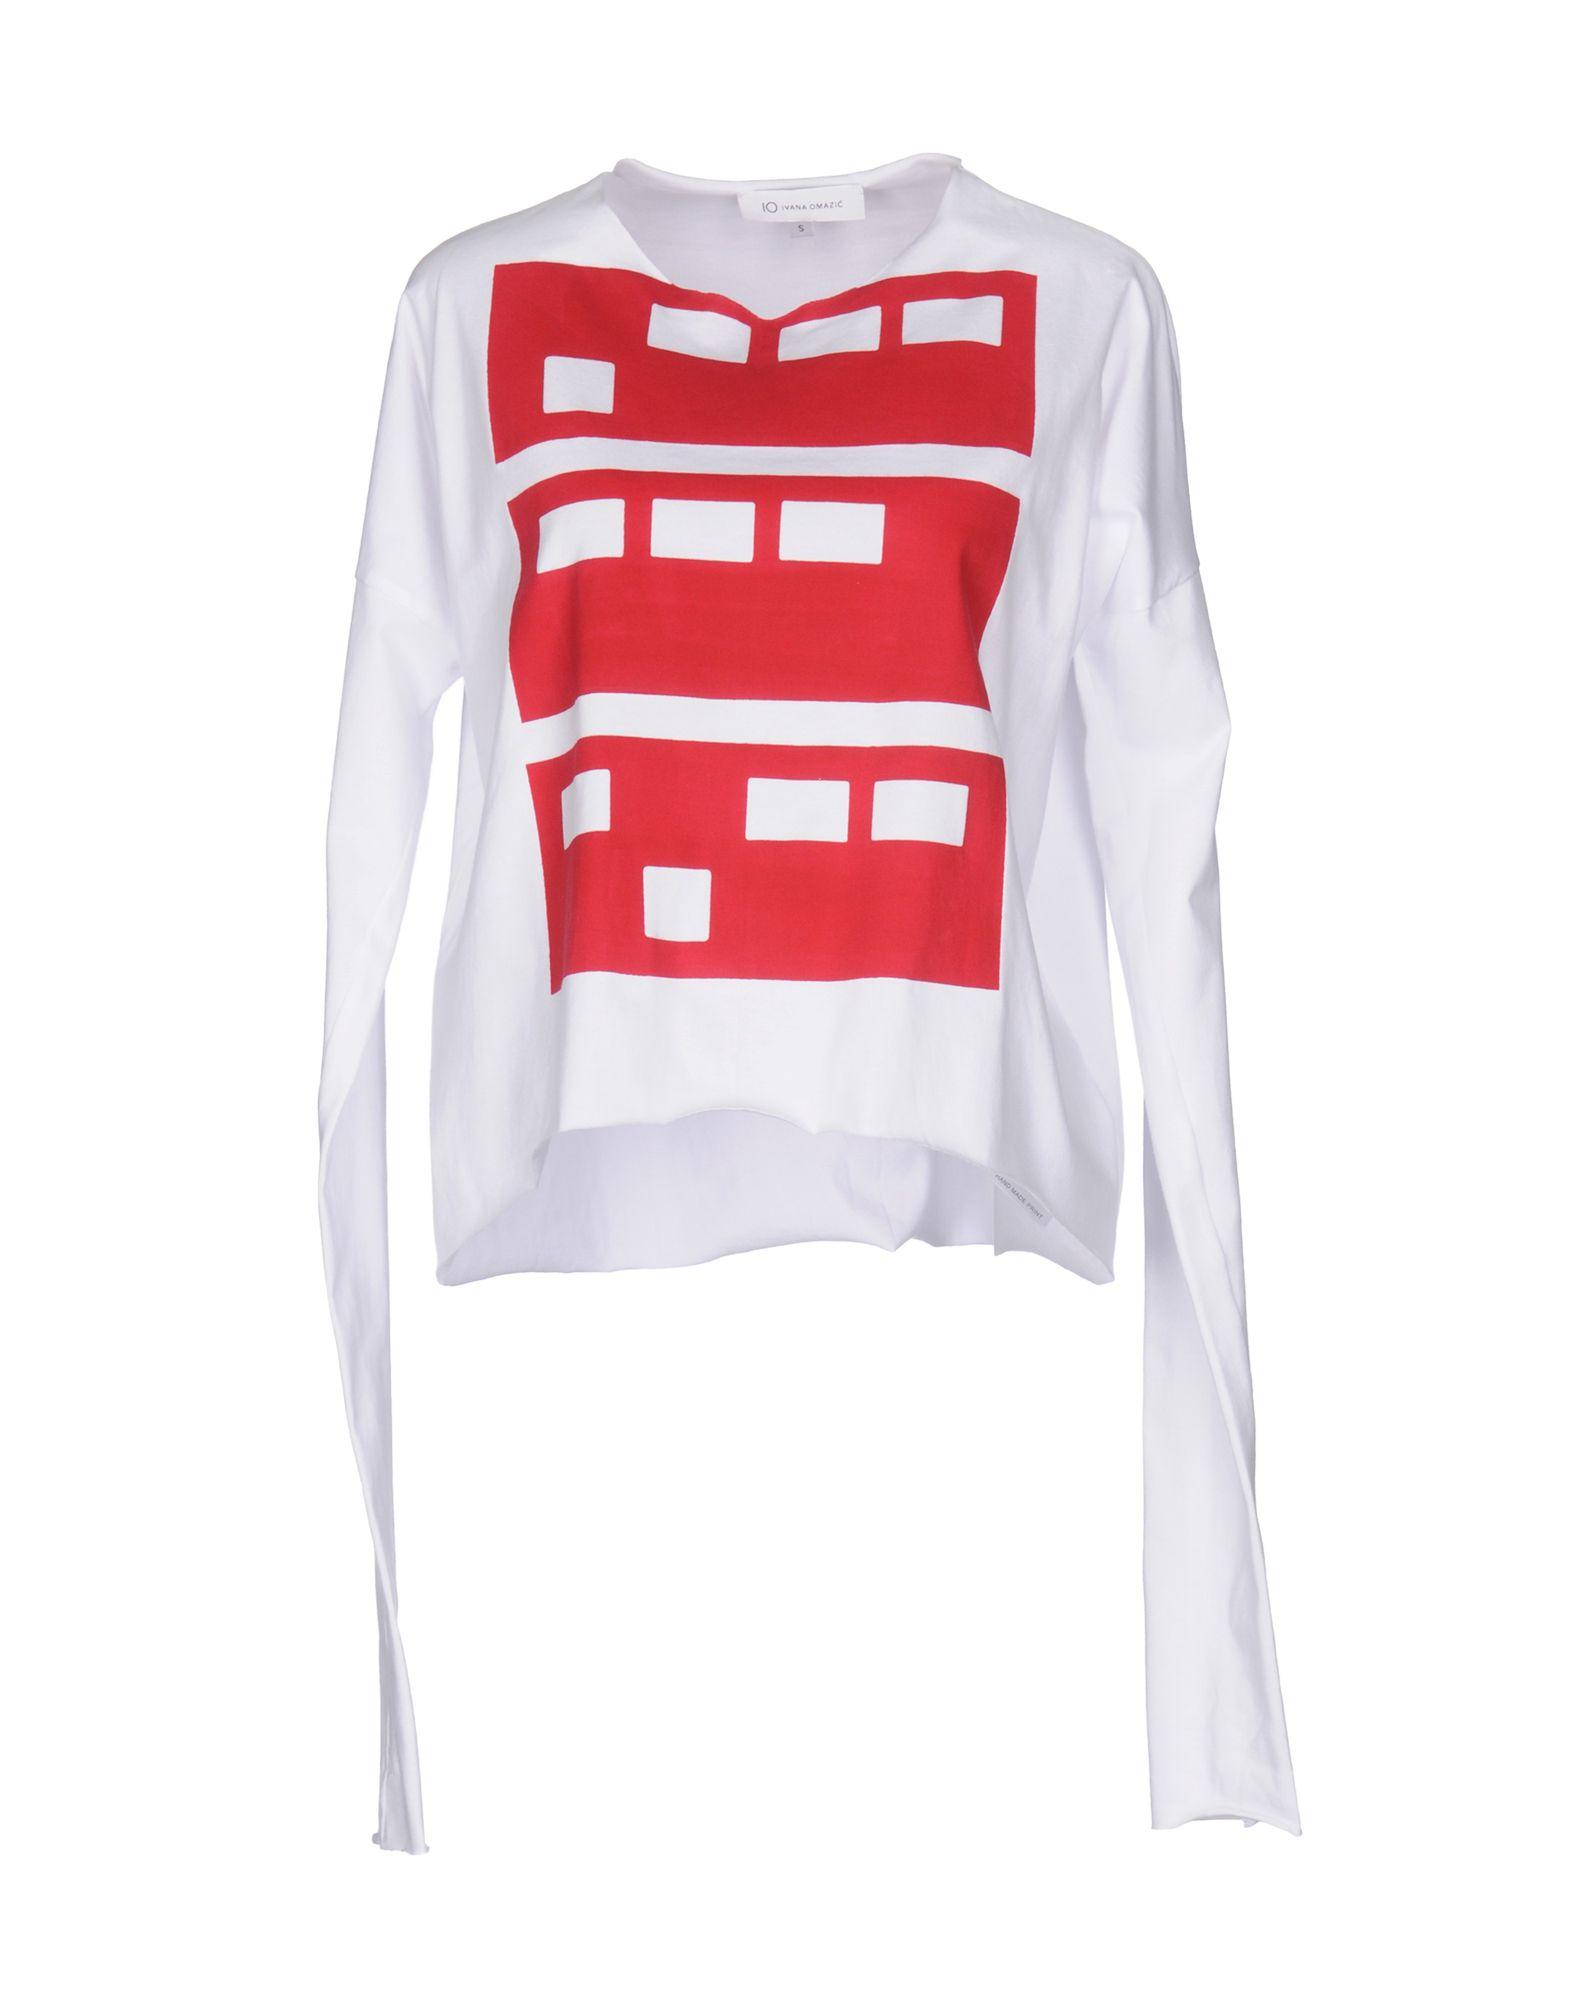 IO IVANA OMAZIC T-Shirts in White